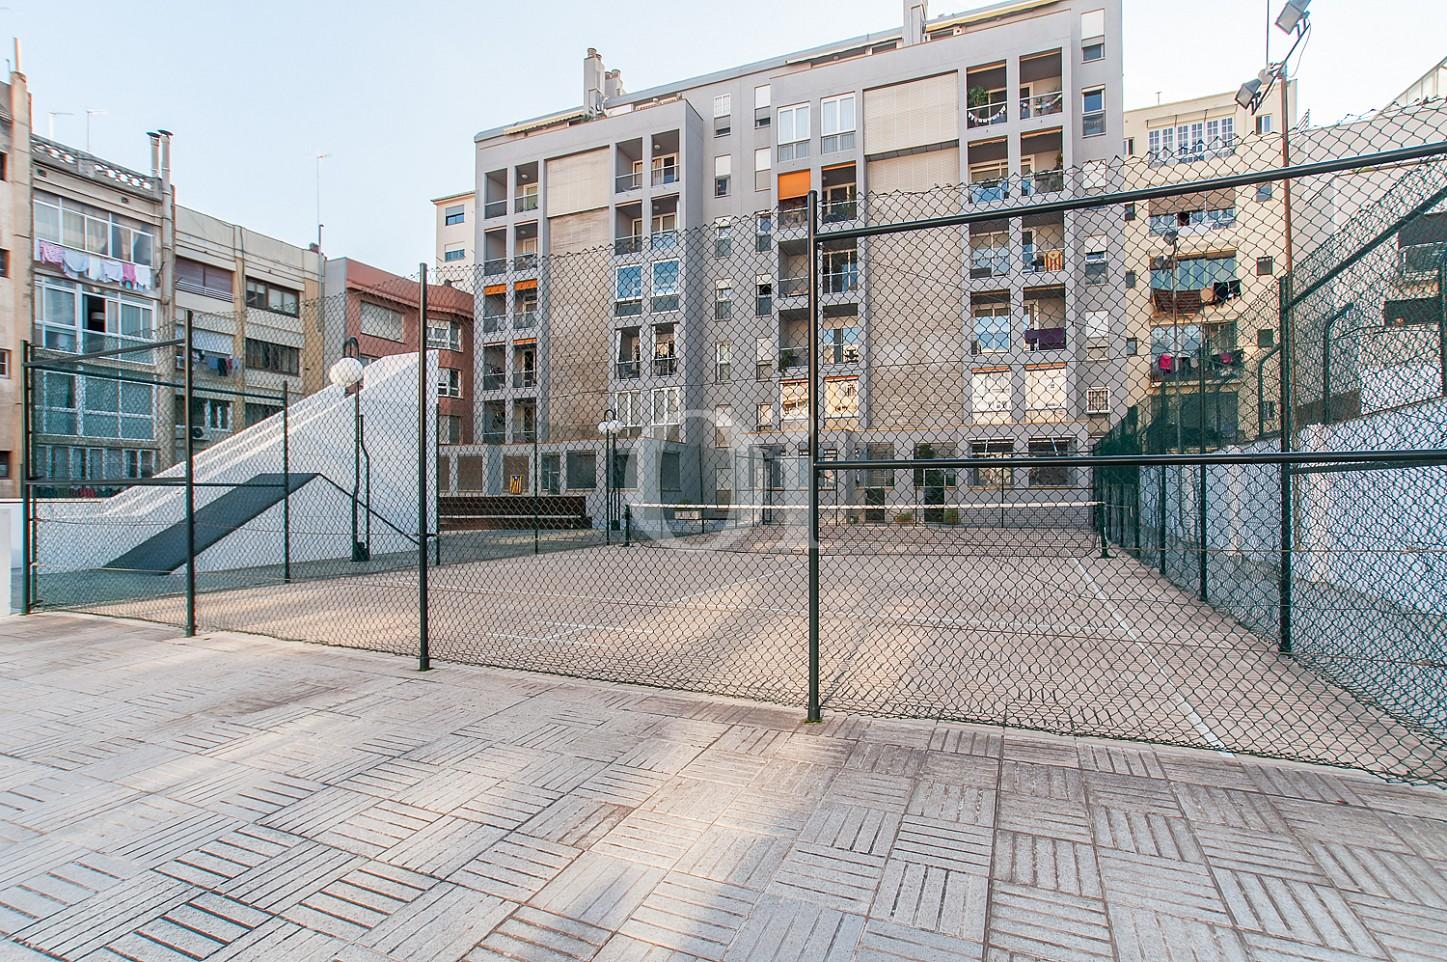 Pista de tennis d'un pis en venda a l'Eixample Dreta de Barcelona